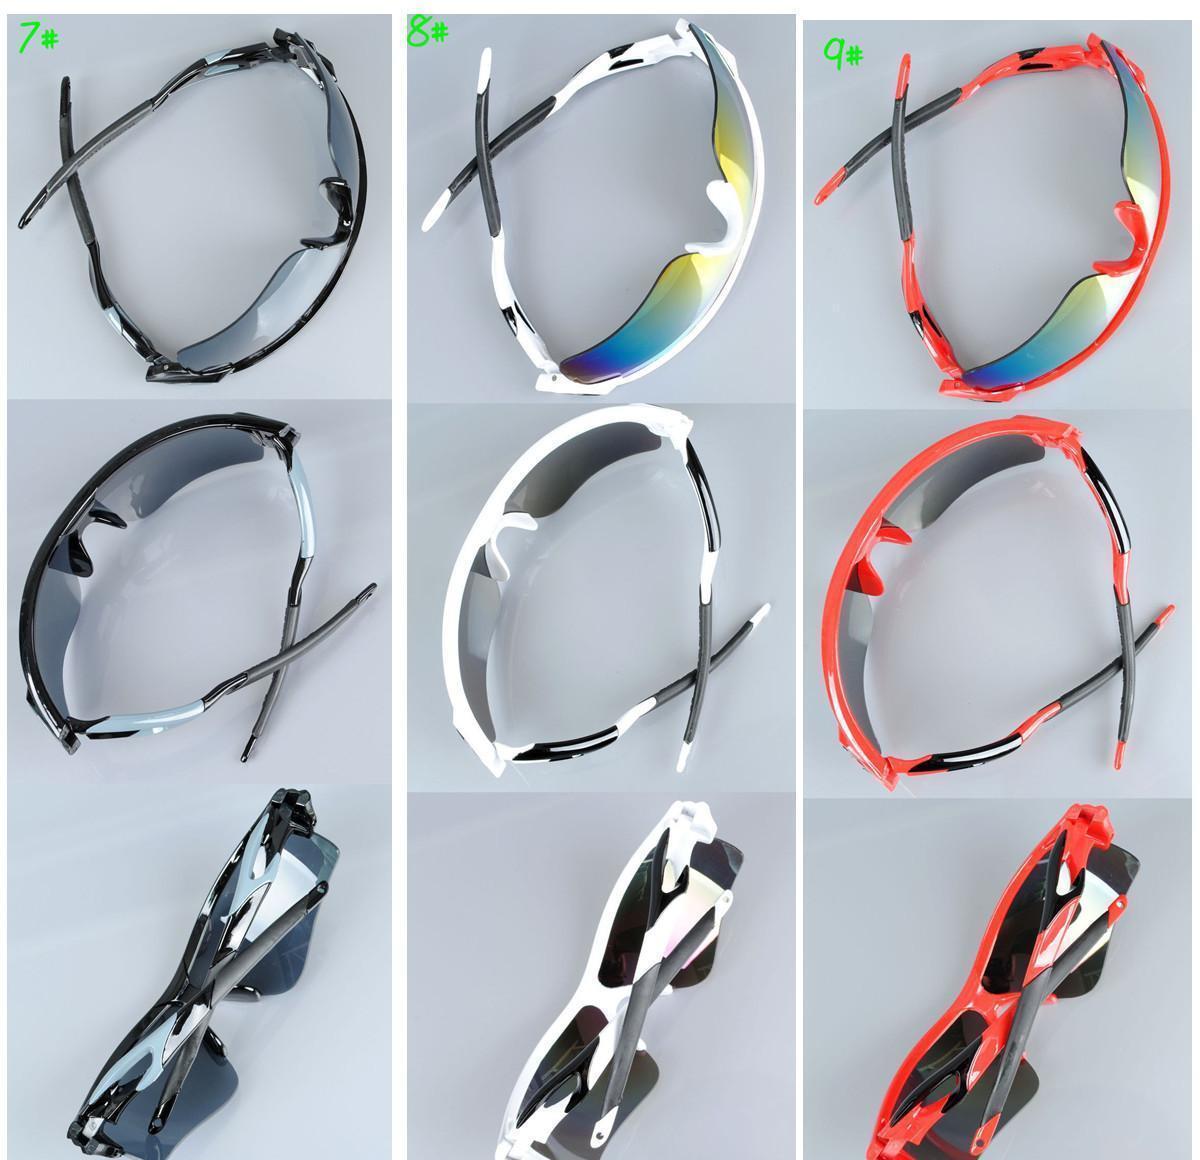 Super Bargain FashionCycling Vélo Vélo Vélo Vélo Sports Gear De Protection R Lunettes Coloré JLLPXNS SINABAG